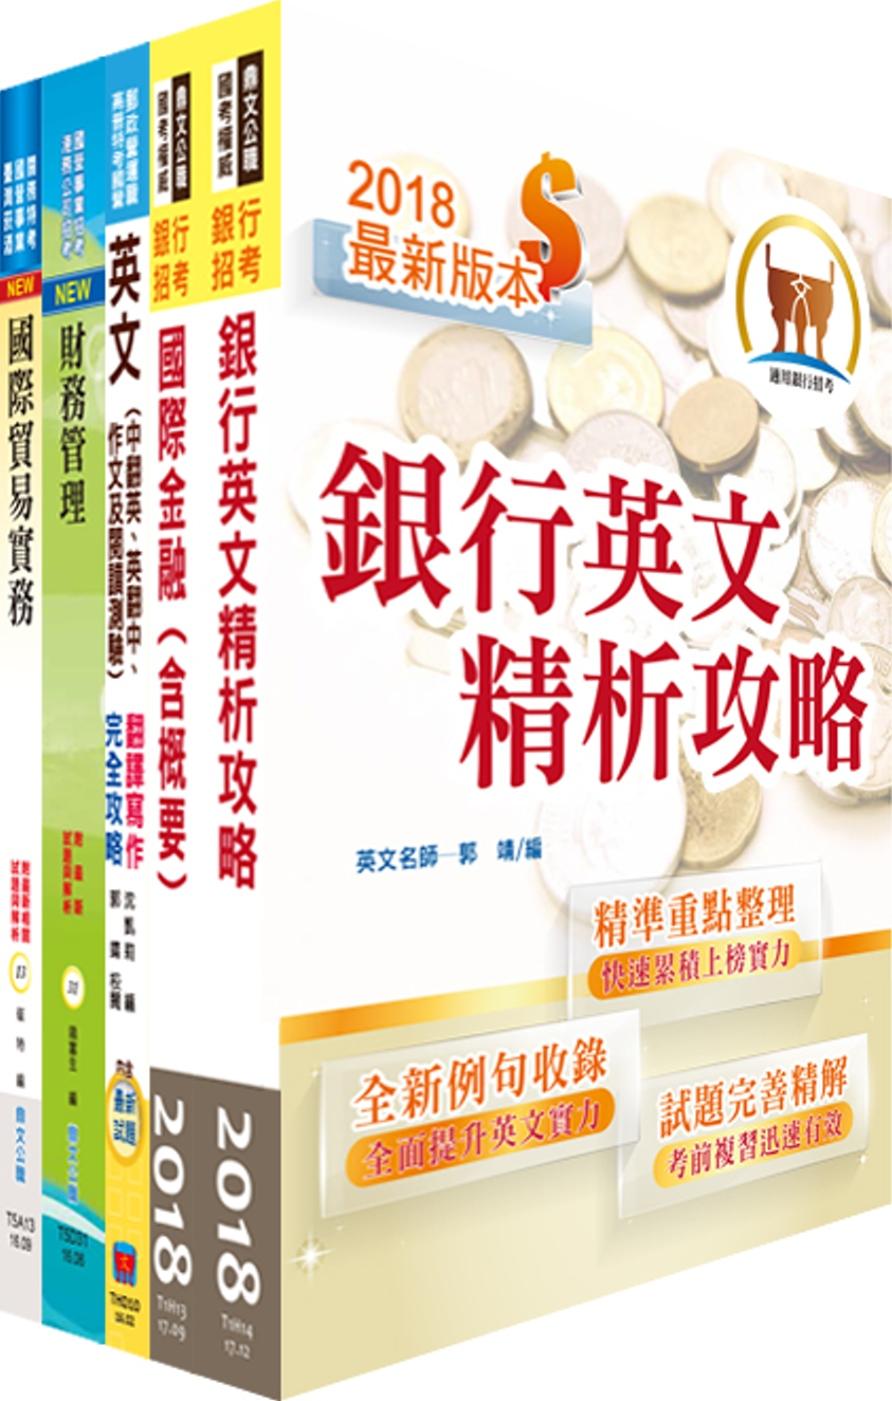 107年兆豐國際商業銀行招考(儲備派外人員-專員九職等)套書(贈題庫網帳號、雲端課程)